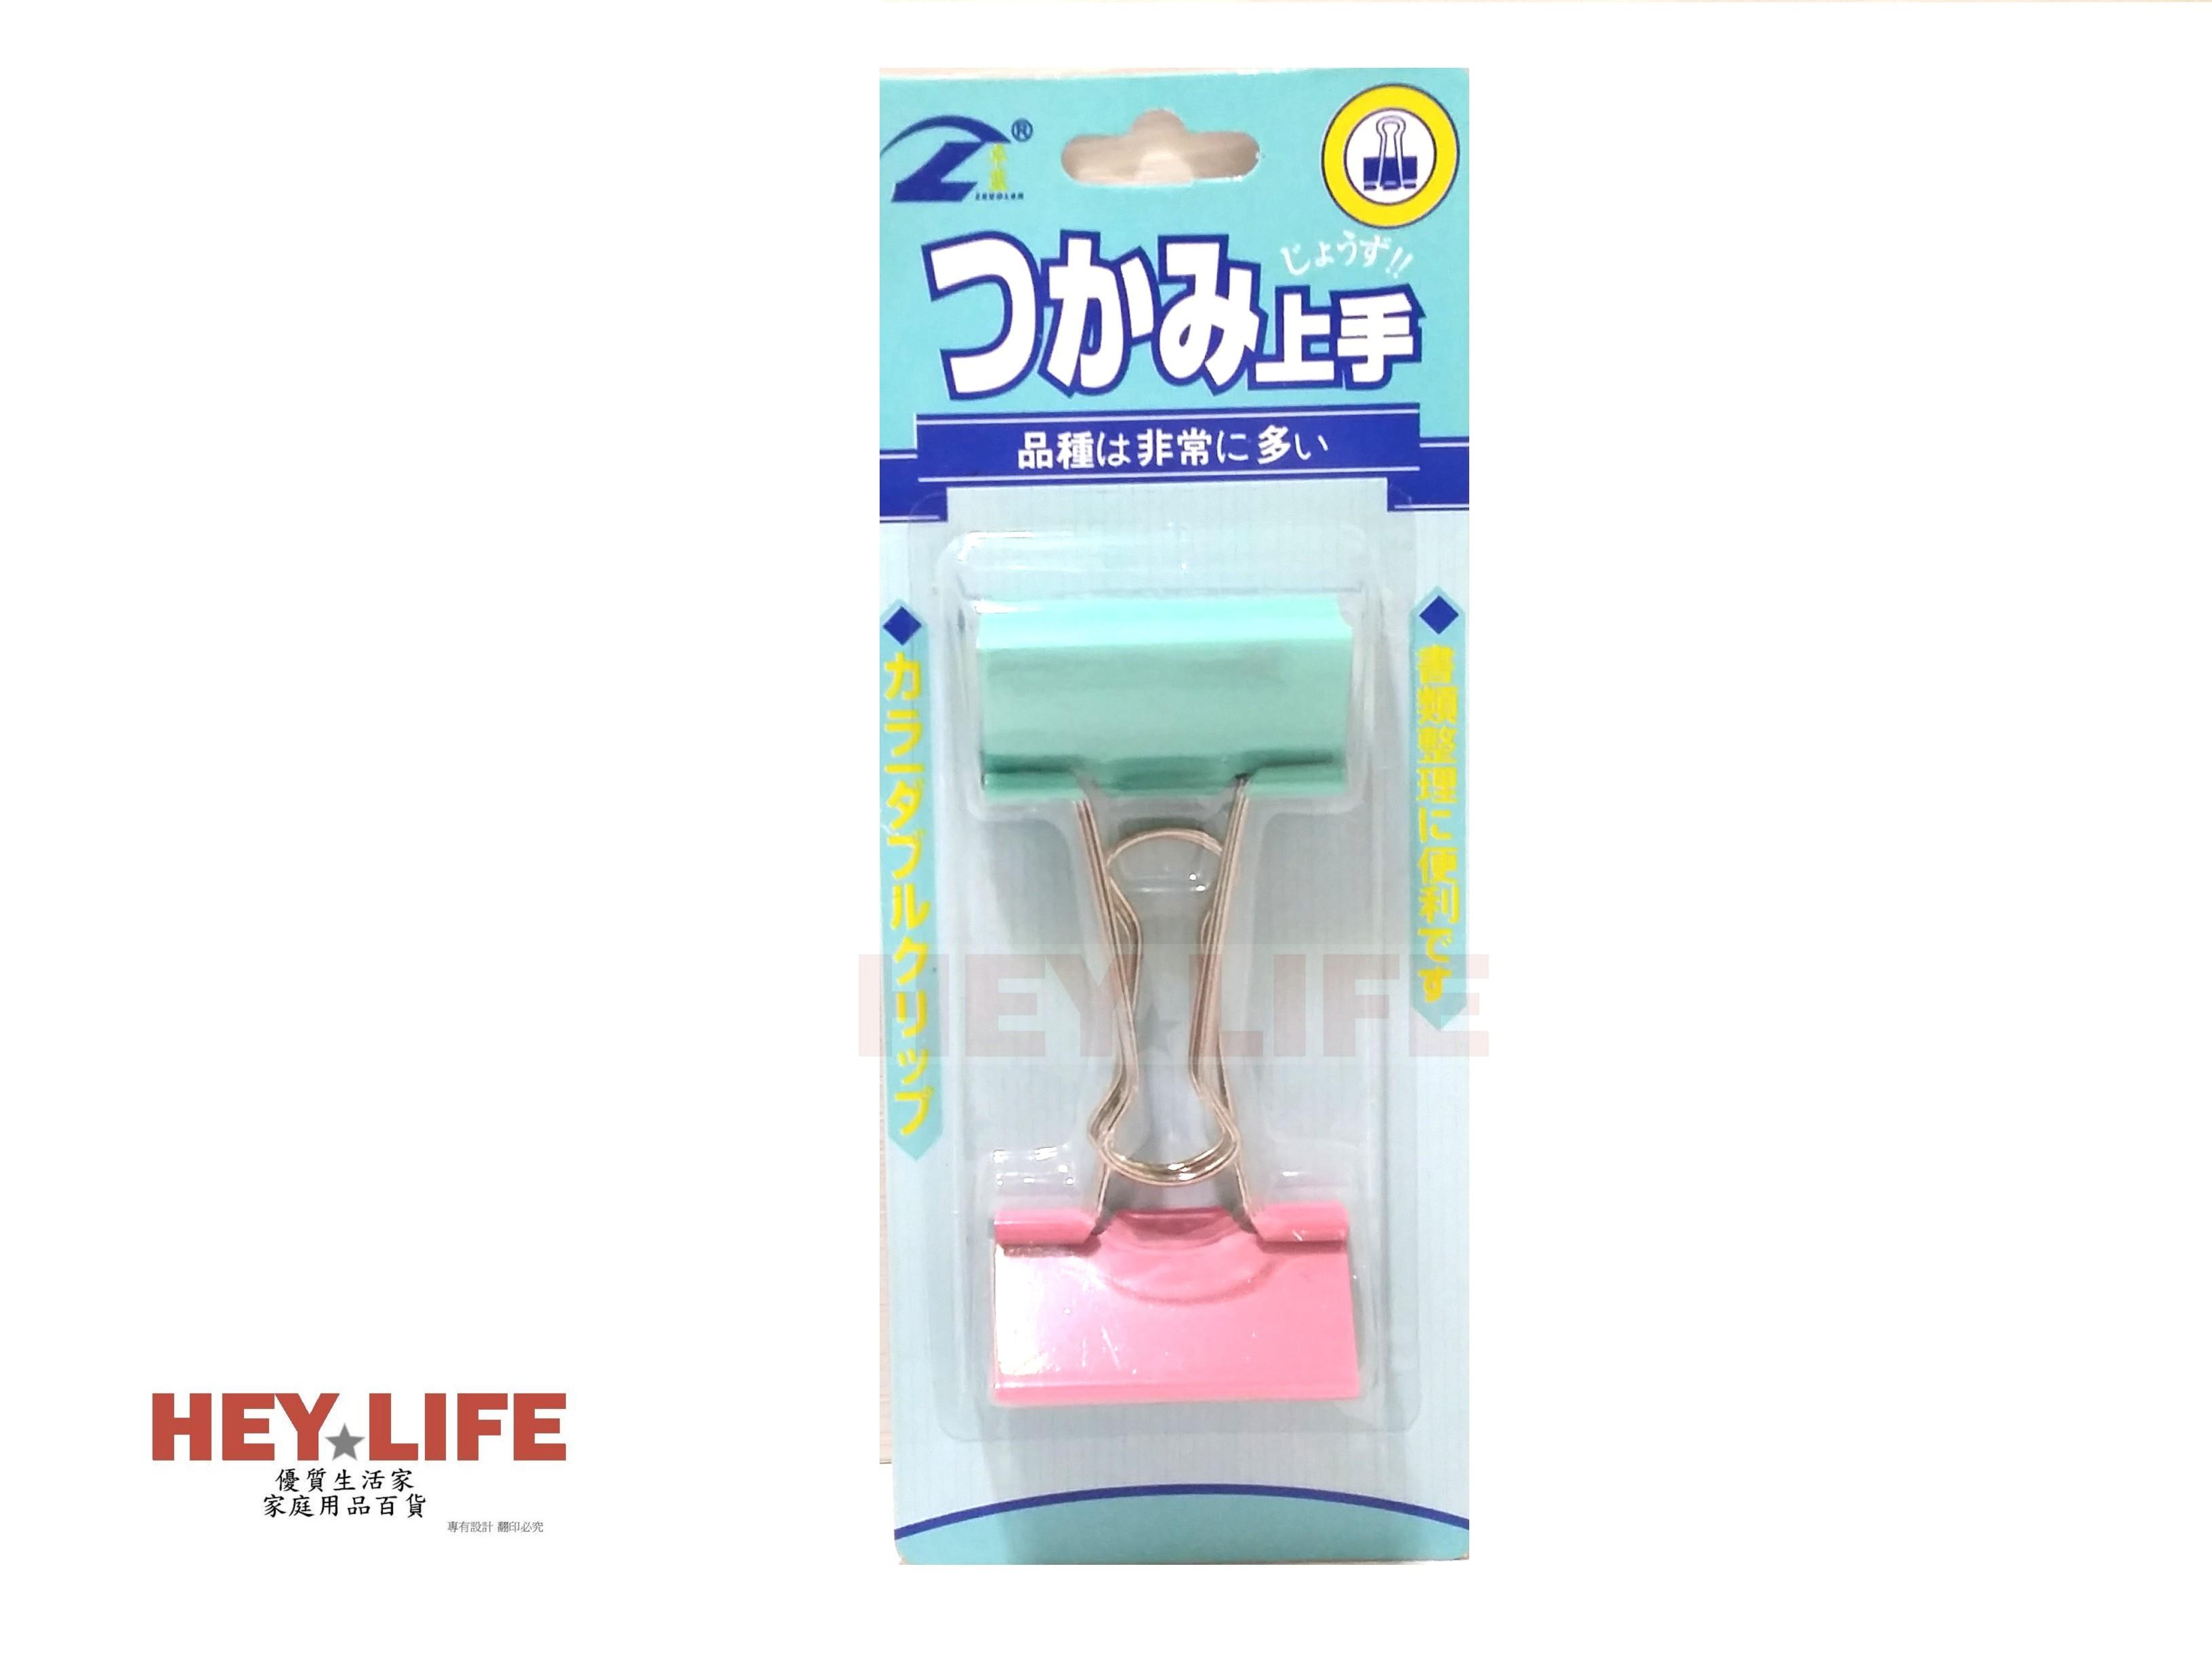 【HEYLIFE優質生活家】長尾夾(彩色)2入 文具夾 夾 優質嚴選 品質保證